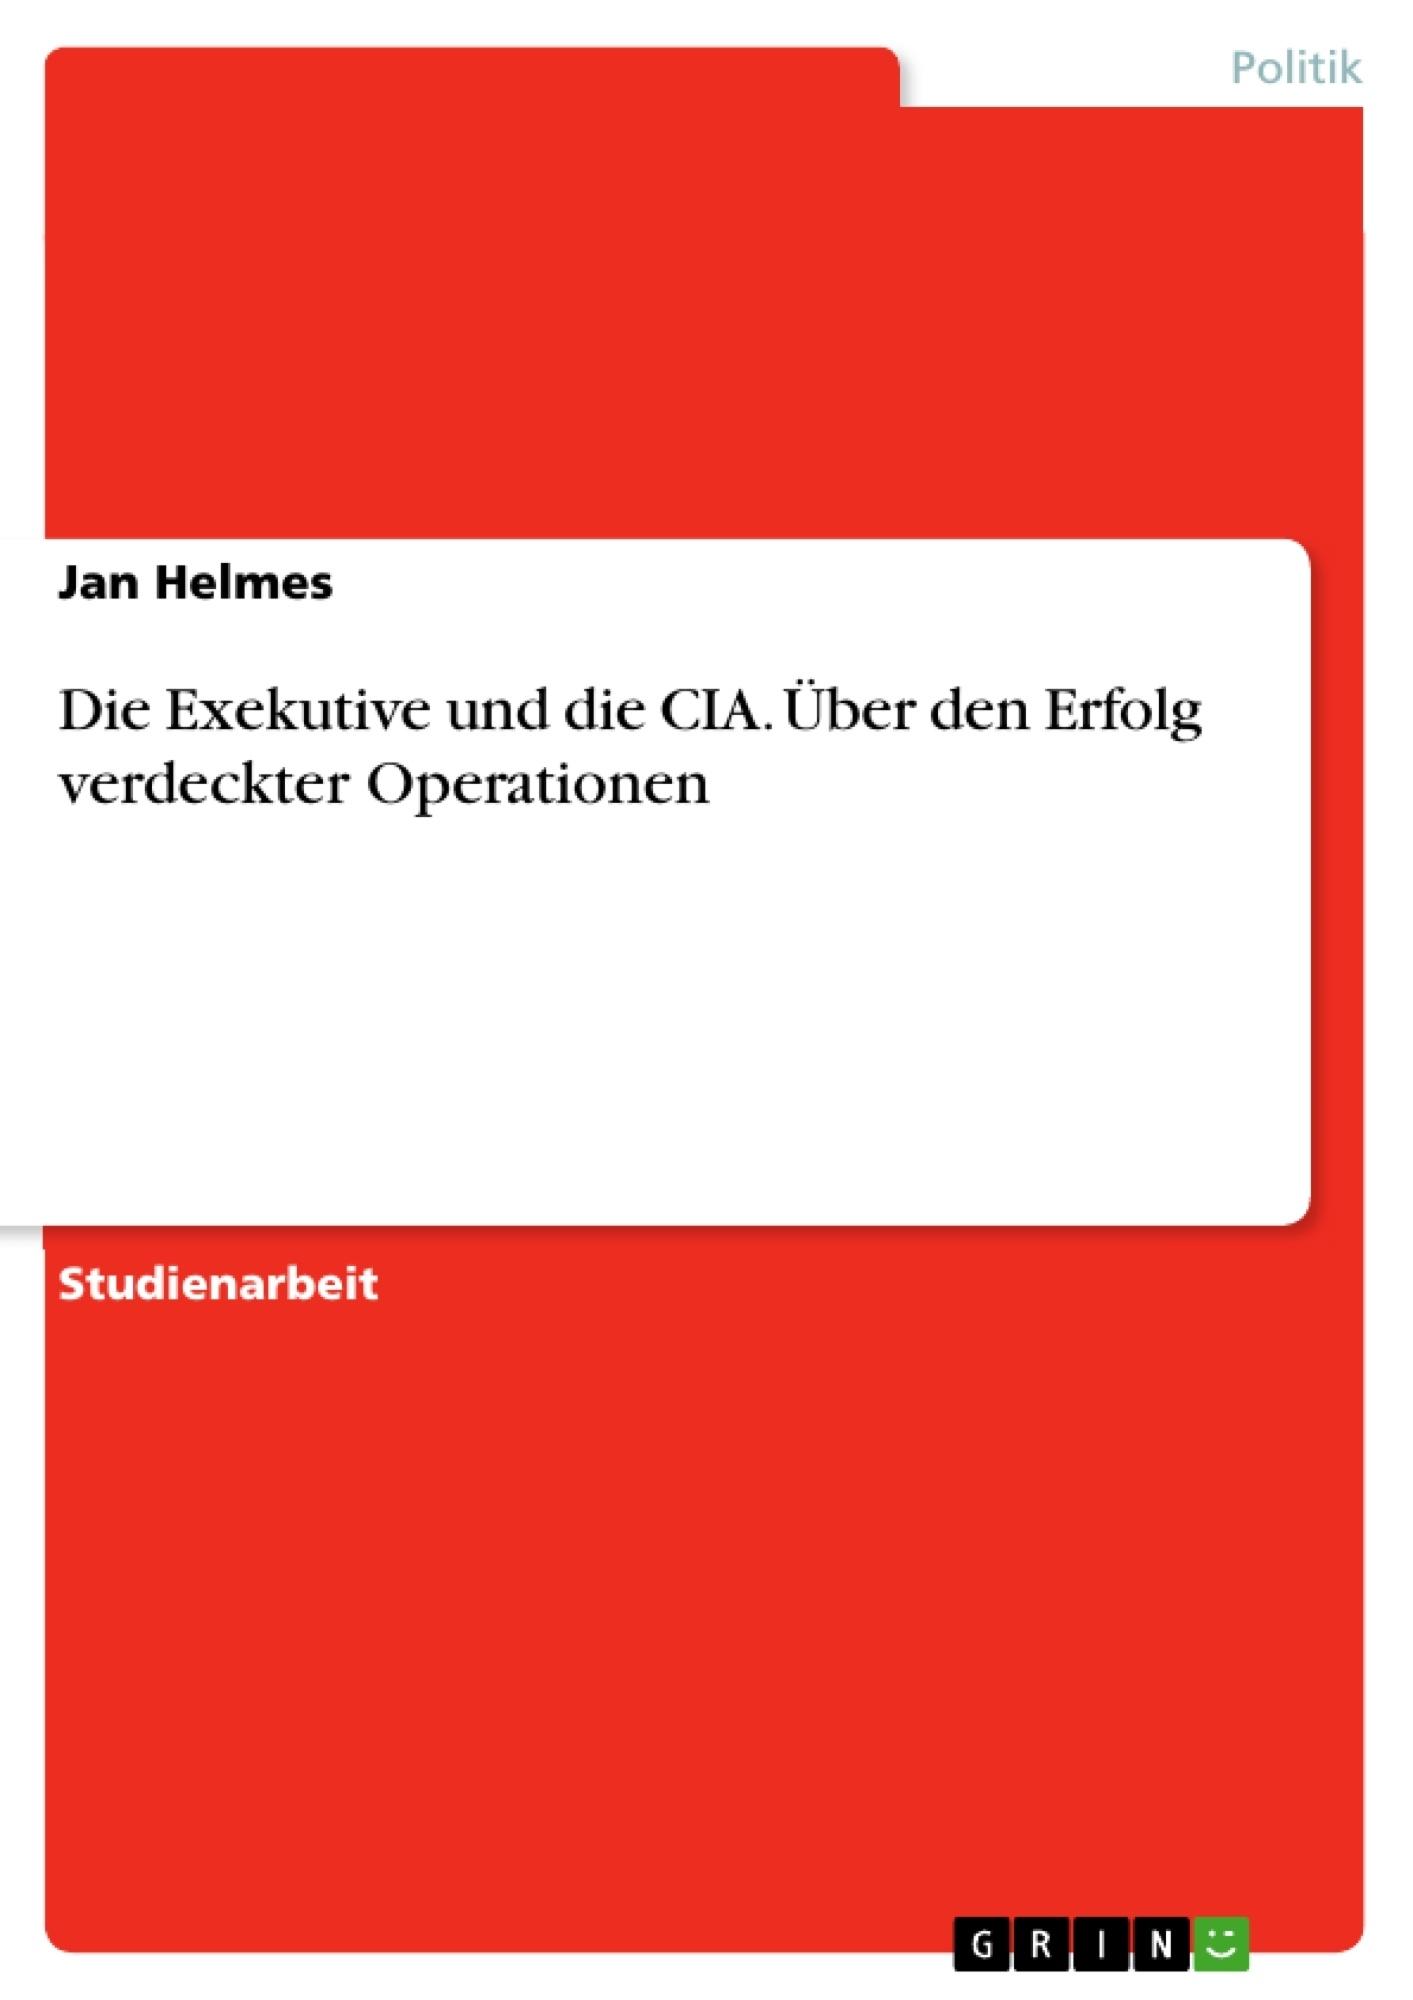 Titel: Die Exekutive und die CIA. Über den Erfolg verdeckter Operationen